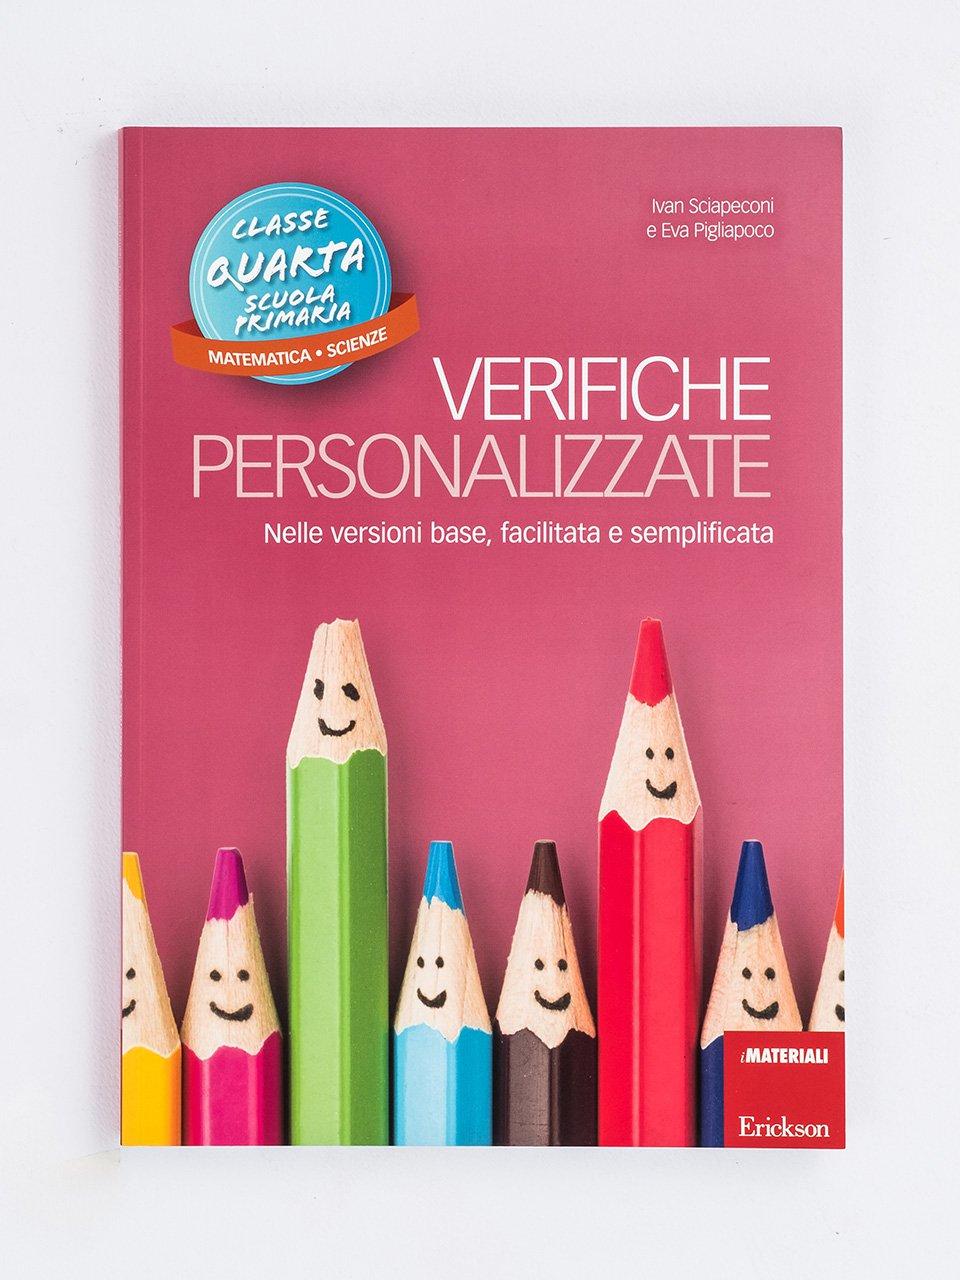 Verifiche personalizzate - Classe quarta: Matematica, scienze - La valutazione inclusiva - Formazione - Erickson